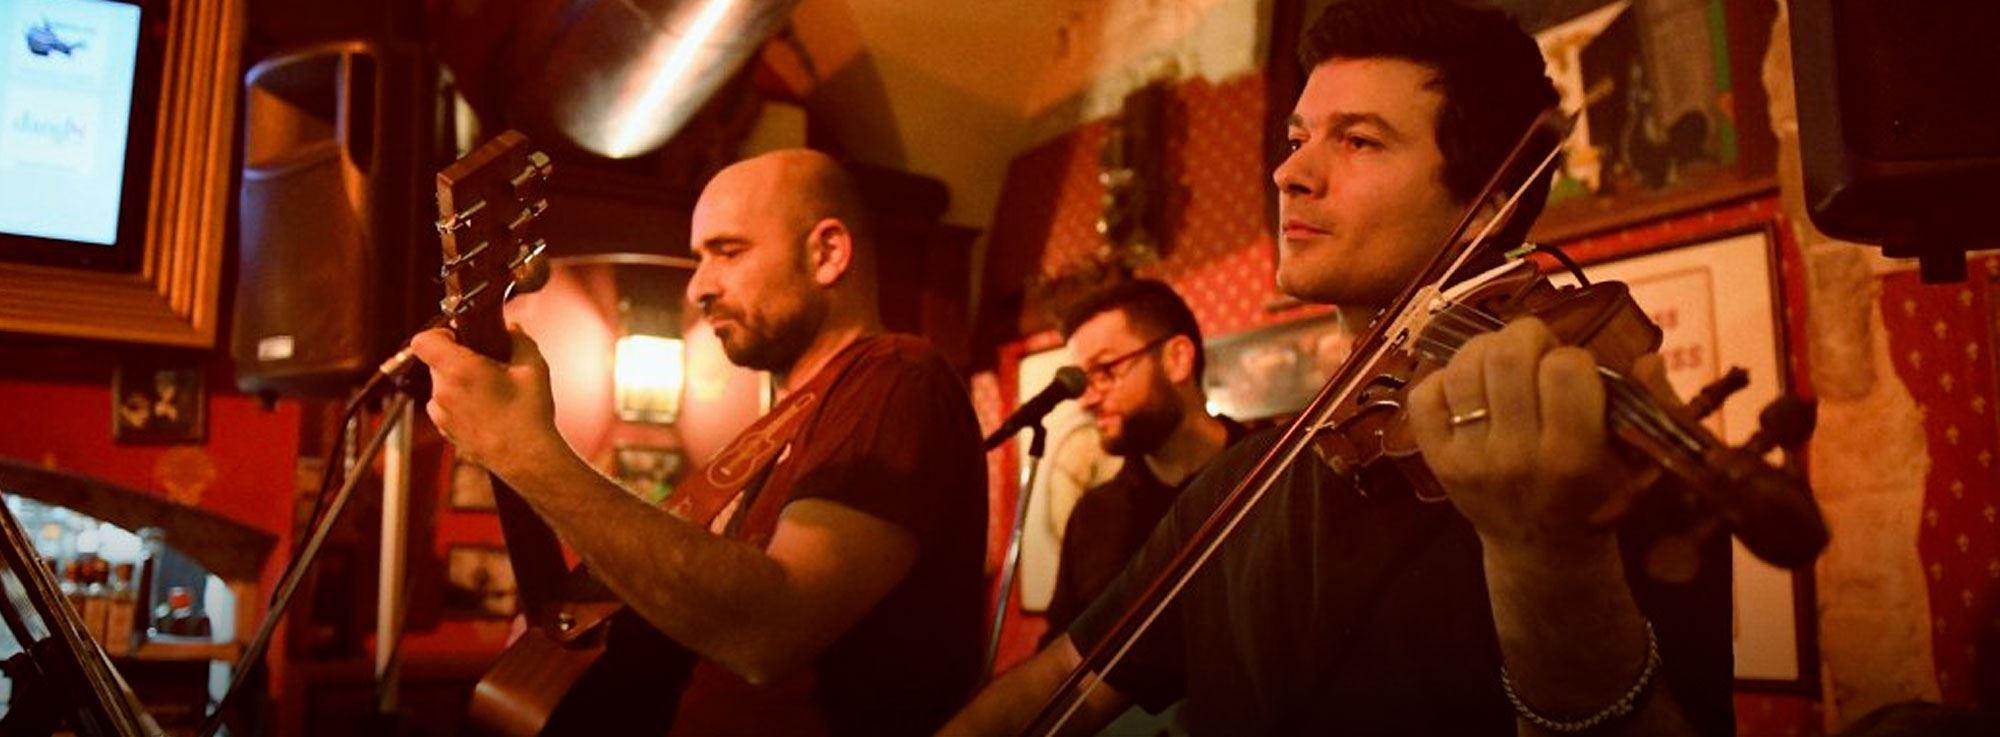 Barletta: Dicembre 2019 al Saint Patrick